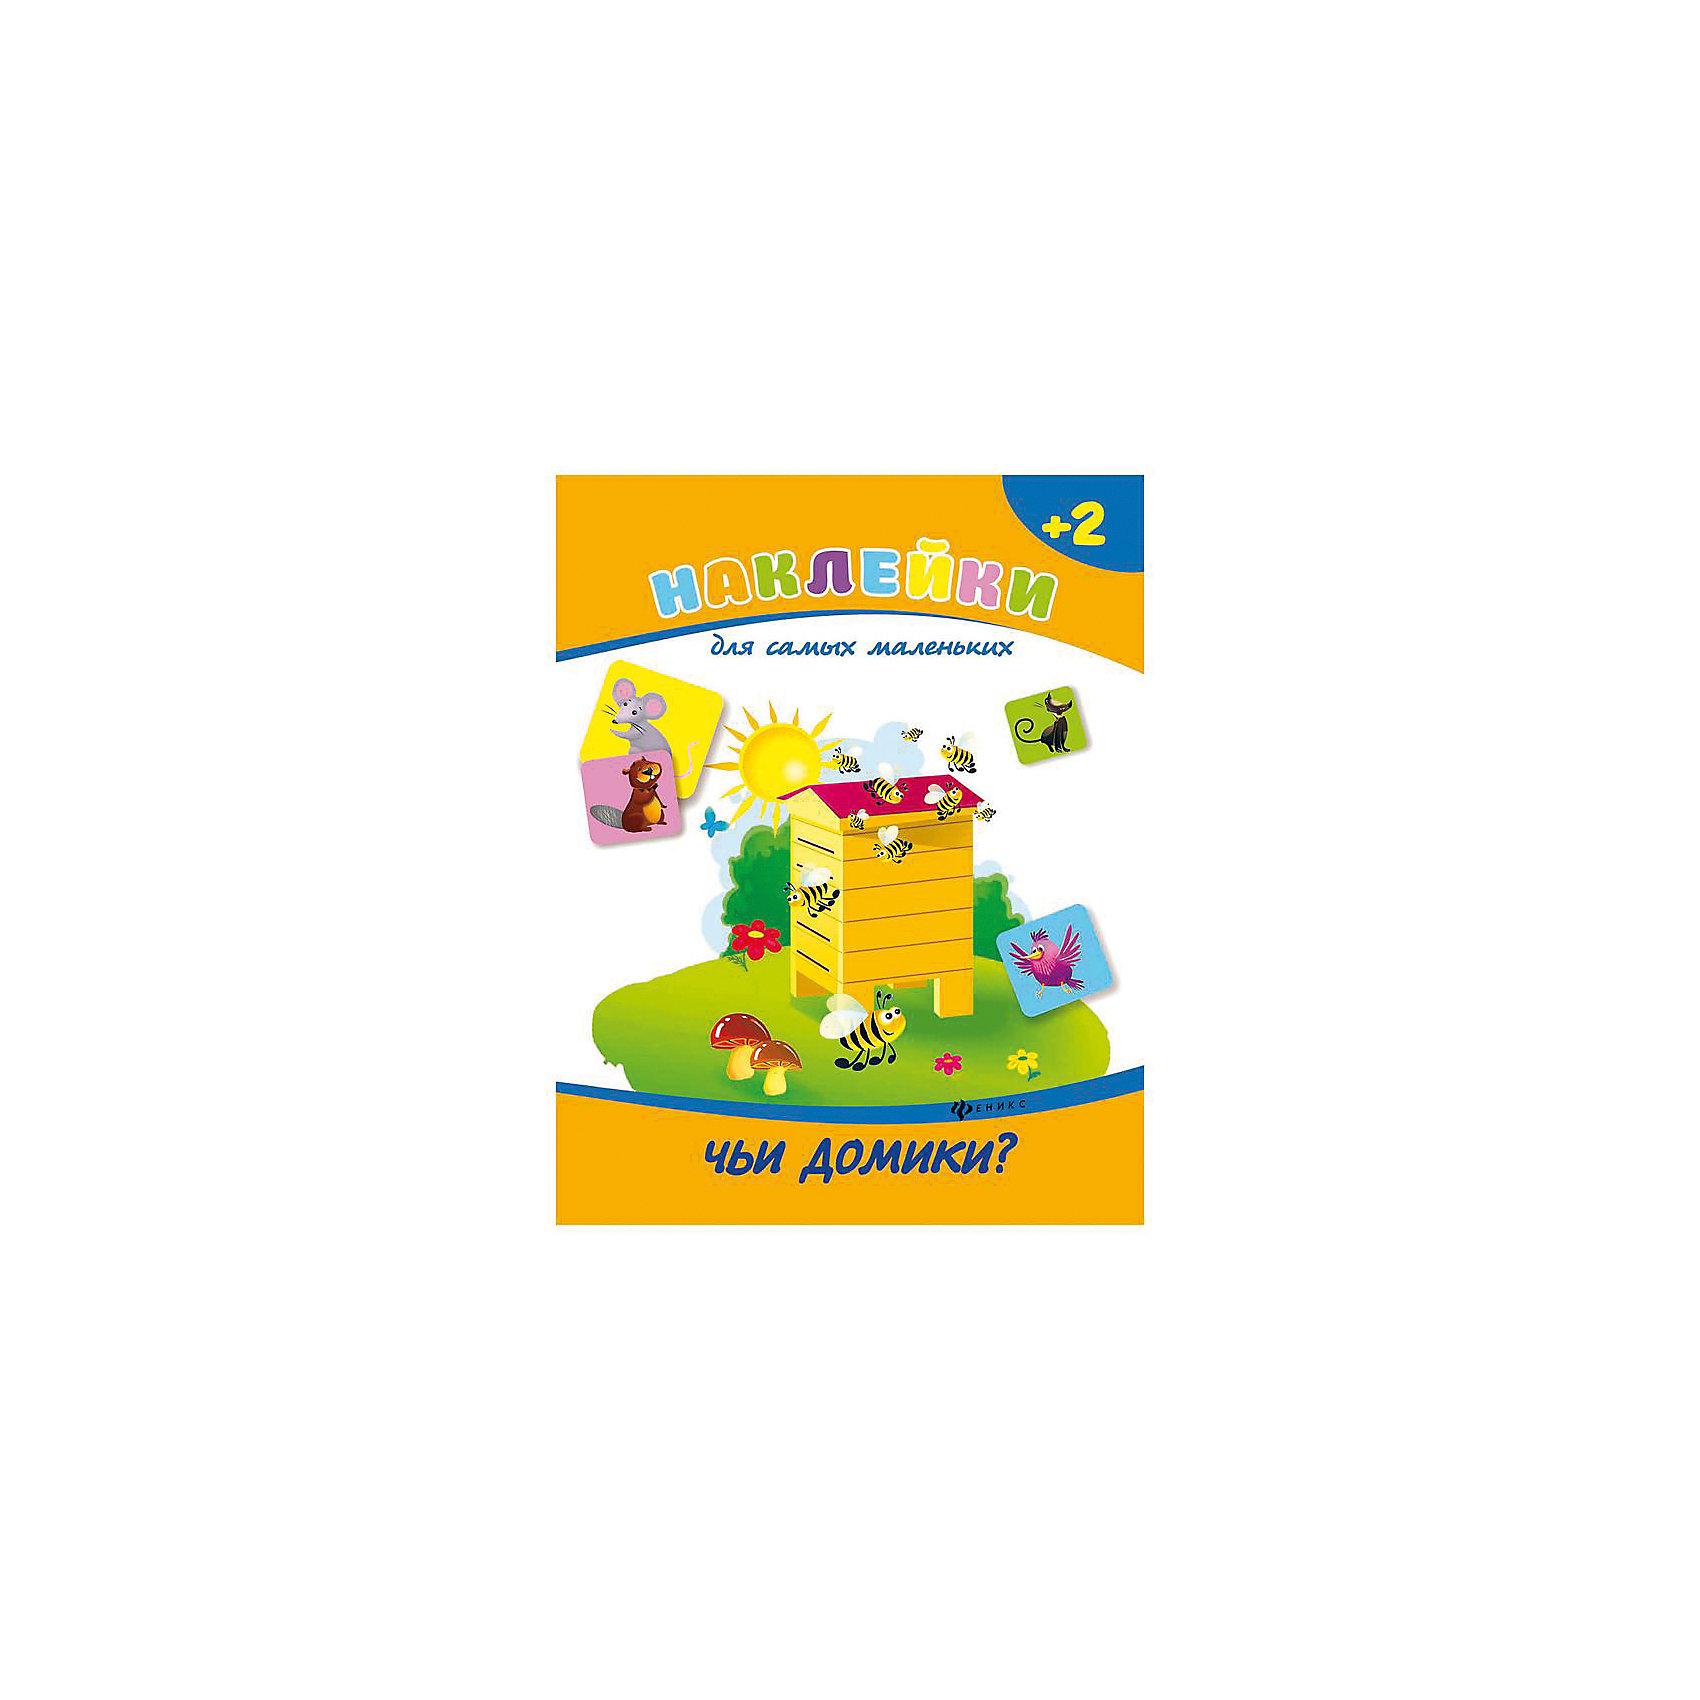 Комплект наклеек Чьи домики? + космосКнижки с наклейками<br>Характеристики:<br><br>• ISBN: 978-5-222-25273-4;<br>• возраст: от 2 лет;<br>• формат: 84х108/16;<br>• бумага: мелованная;<br>• тип обложки: мягкий переплет (крепление скрепкой или клеем);<br>• оформление: частичная лакировка, с наклейками;<br>• иллюстрации: цветные;<br>• серия: Наклейки для самых маленьких;<br>• издательство: Феникс, 2016 г.;<br>• автор: Белых Виктория Алексеевна;<br>• редактор: Фоминичев Антон;<br>• количество страниц в книге: 8;<br>• размеры книги: 26х20х0,2 см;<br>• масса книги: 64 г.<br><br>В набор «Наклейки для самых маленьких. Чьи домики? + Космос» входит 2 книжки: <br><br>• «Чьи домики?»;<br>• «Космос».<br><br>Яркие тематические книжки с интересными заданиями развивают логику, мышление, мелкую моторику рук. Пособия предназначены для занятий родителей с малышами. <br><br>В каждой книге есть красочные наклейки для выполнения заданий. Издание удобного формата можно взять с собой на отдых.<br><br>Набор книг «Наклейки для самых маленьких. Чьи домики? + Космос», Белых В.А., Смирнова Е.В., Феникс, можно купить в нашем интернет-магазине.<br><br>Ширина мм: 260<br>Глубина мм: 200<br>Высота мм: 30<br>Вес г: 366<br>Возраст от месяцев: 24<br>Возраст до месяцев: 2147483647<br>Пол: Унисекс<br>Возраст: Детский<br>SKU: 6873673